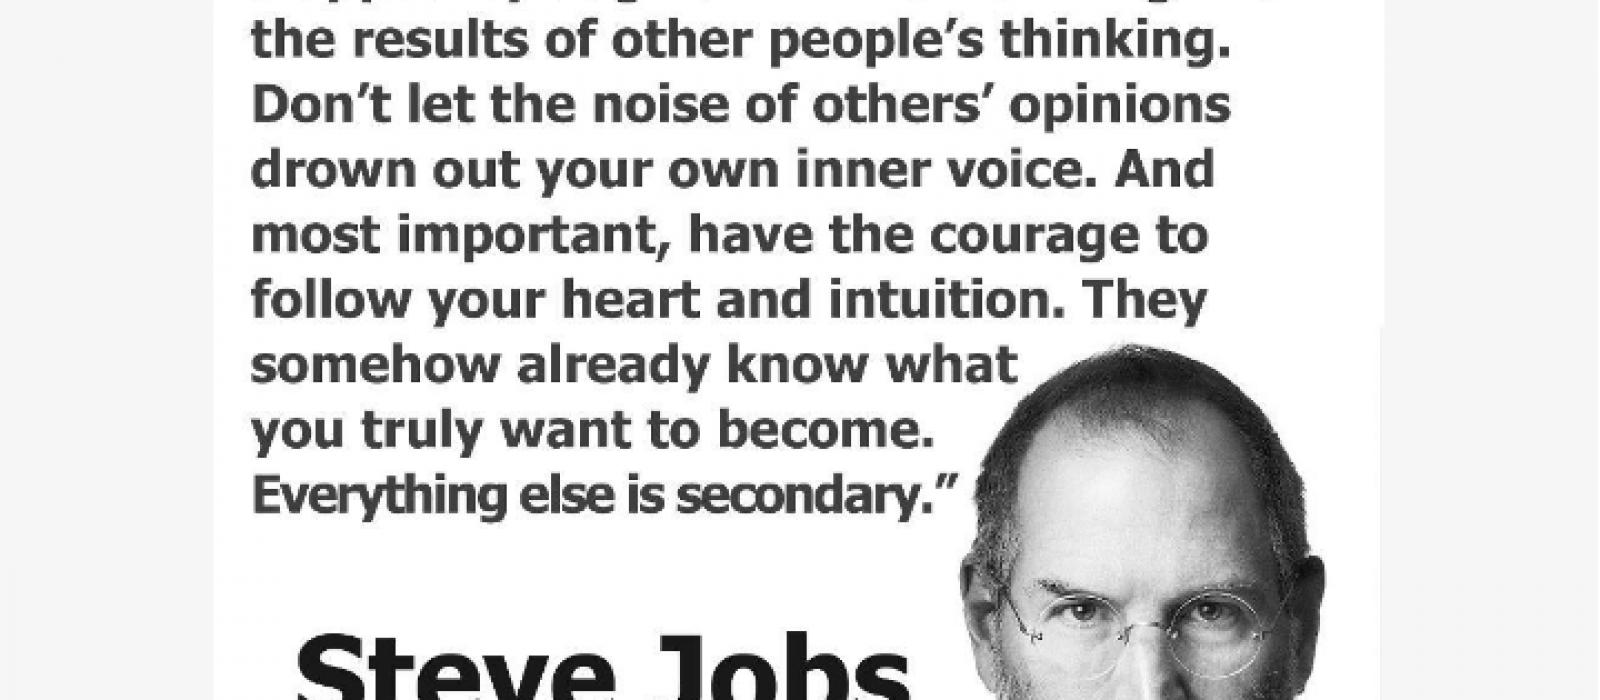 2011-10-08-steve-jobs-quote